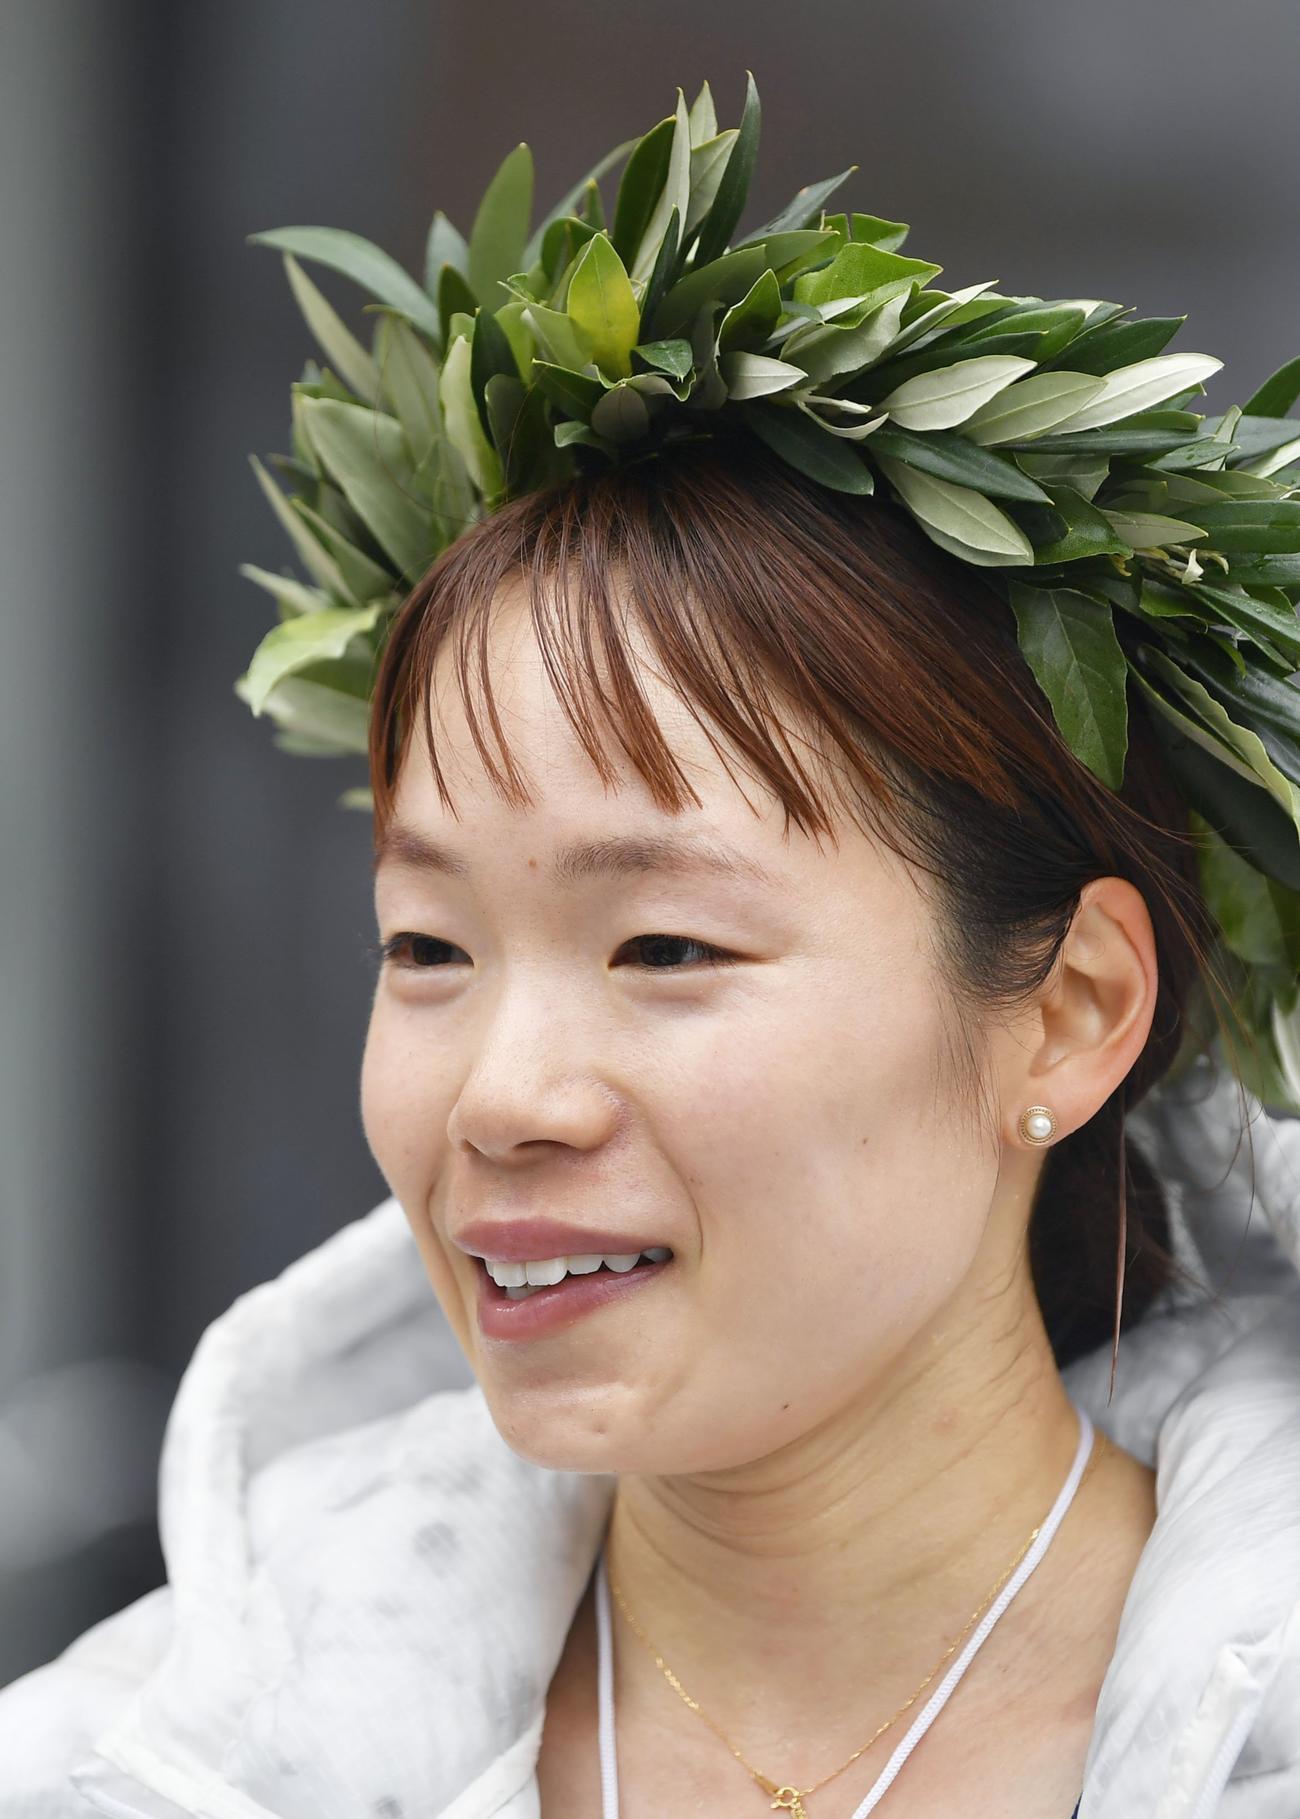 東京五輪のテスト大会となる「札幌チャレンジハーフマラソン」の女子で優勝し、インタビューに答える一山(代表撮影)